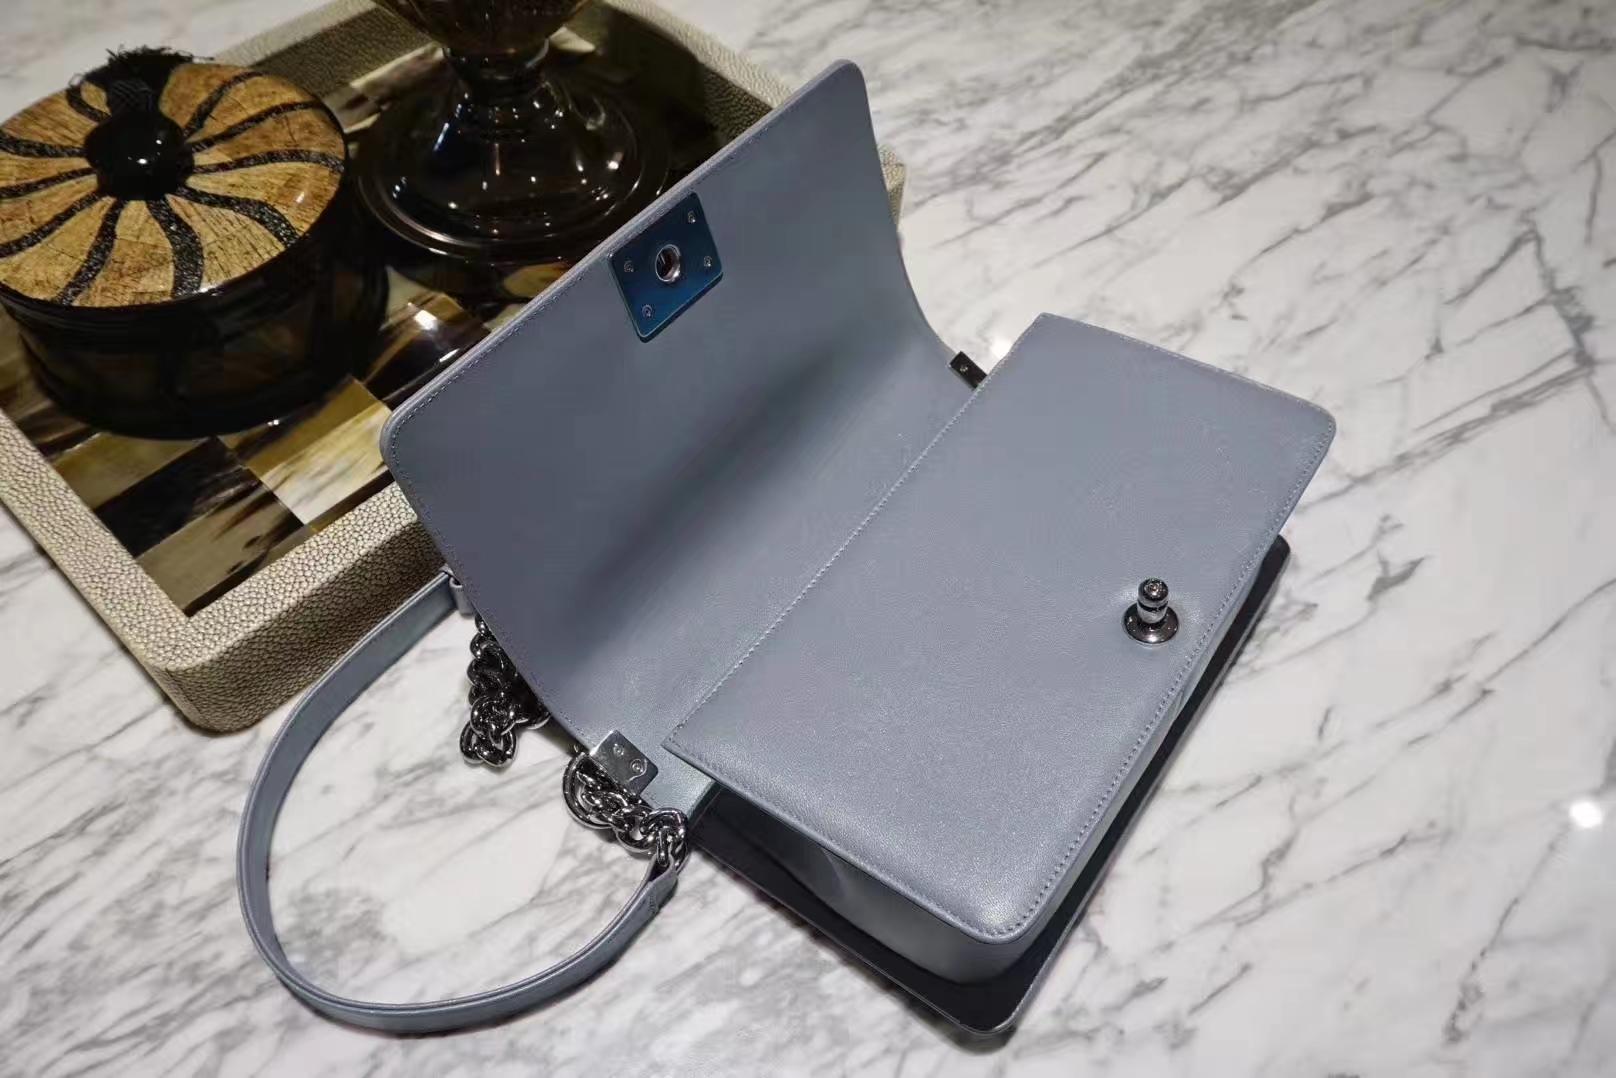 Chanel 香奈儿 Leboy系列 25cm 原厂小羊皮 珠光蓝色 大理石纹琉璃五金